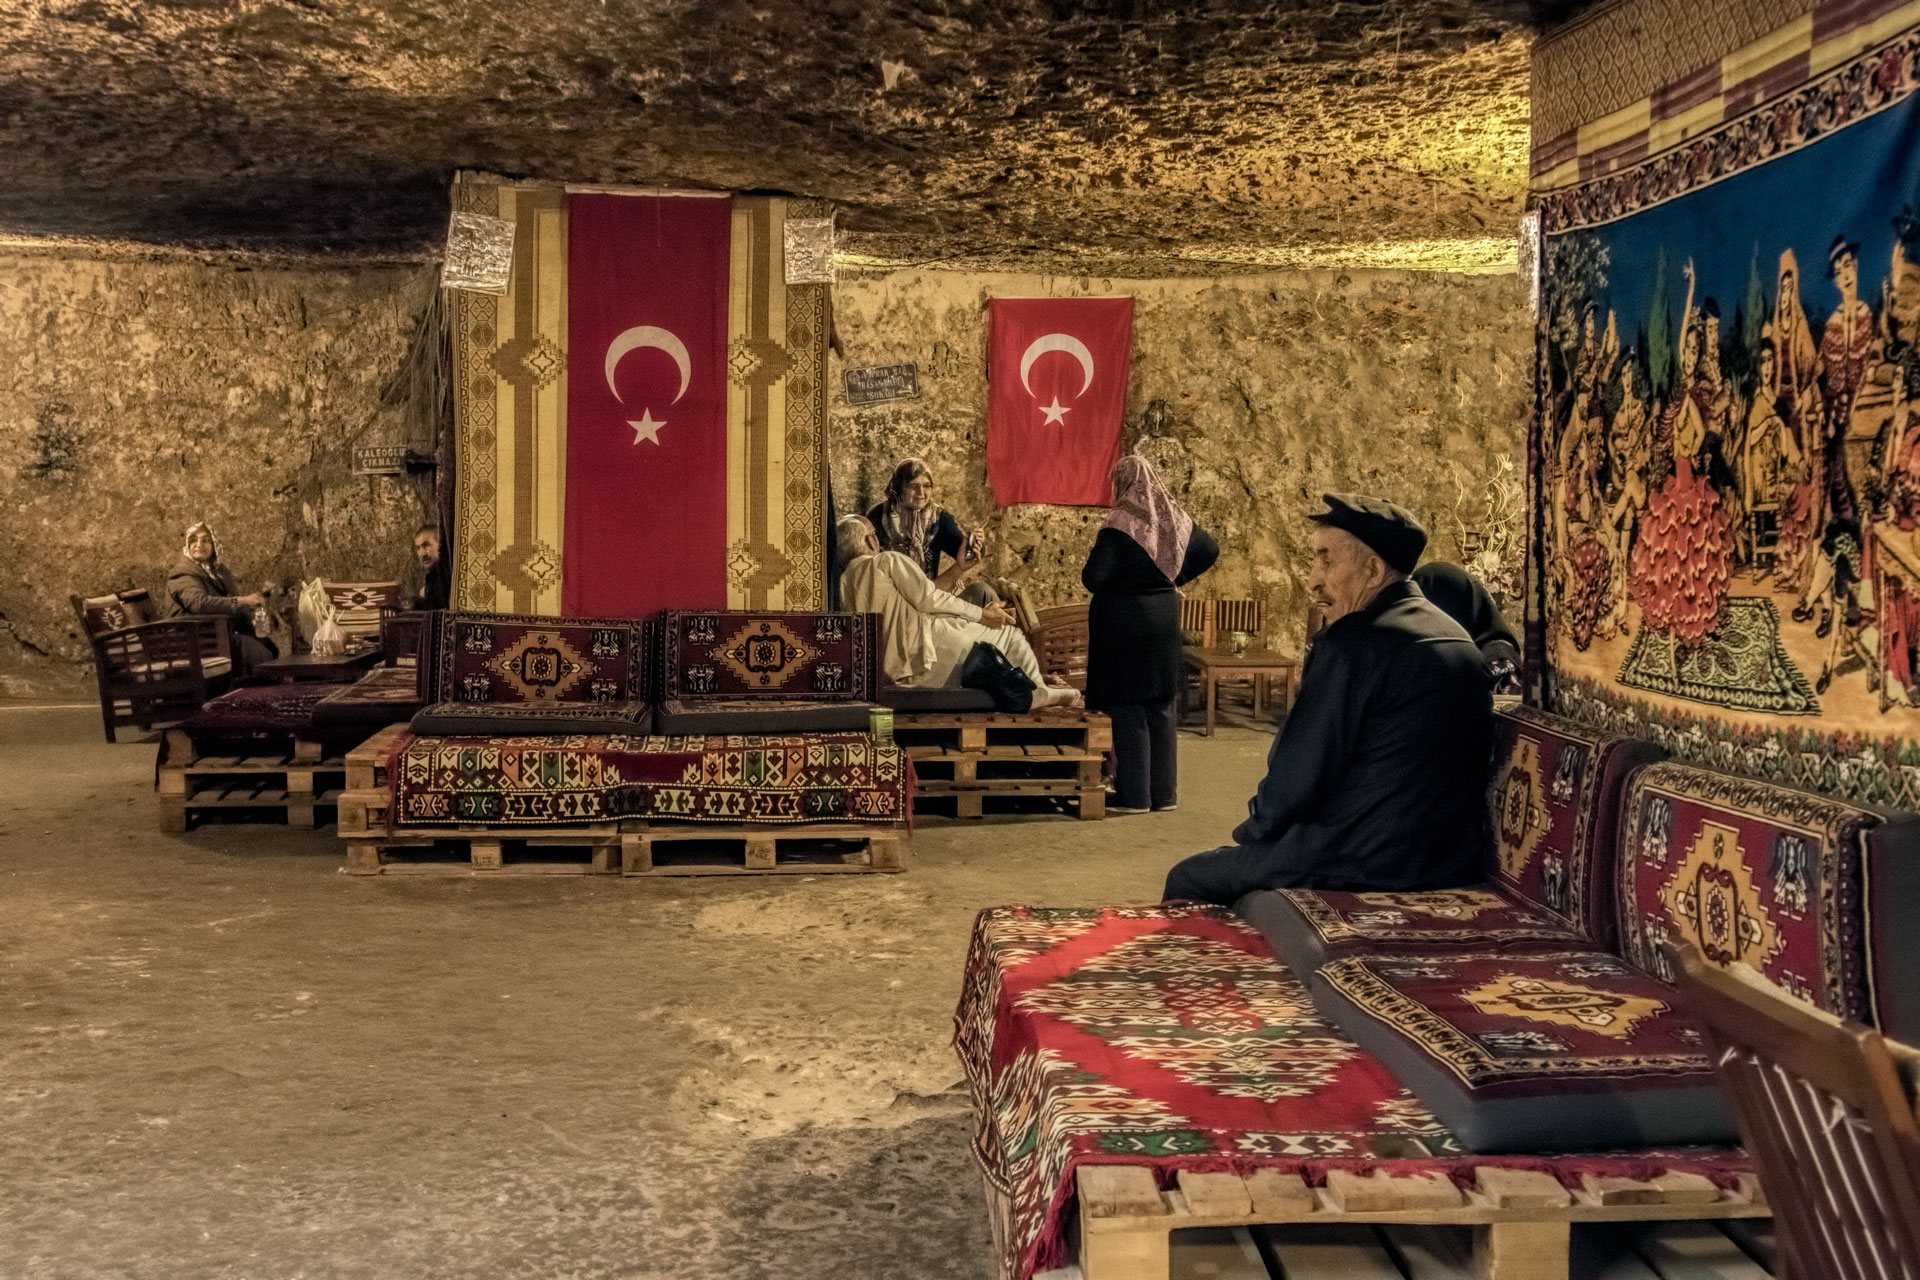 Gaziantep Fotoğrafları Türkiye Gezgin Fotoğrafçı Çekergezer Hakan Aydın Fotoğrafları www.cekergezer.com www.cekergezer.com